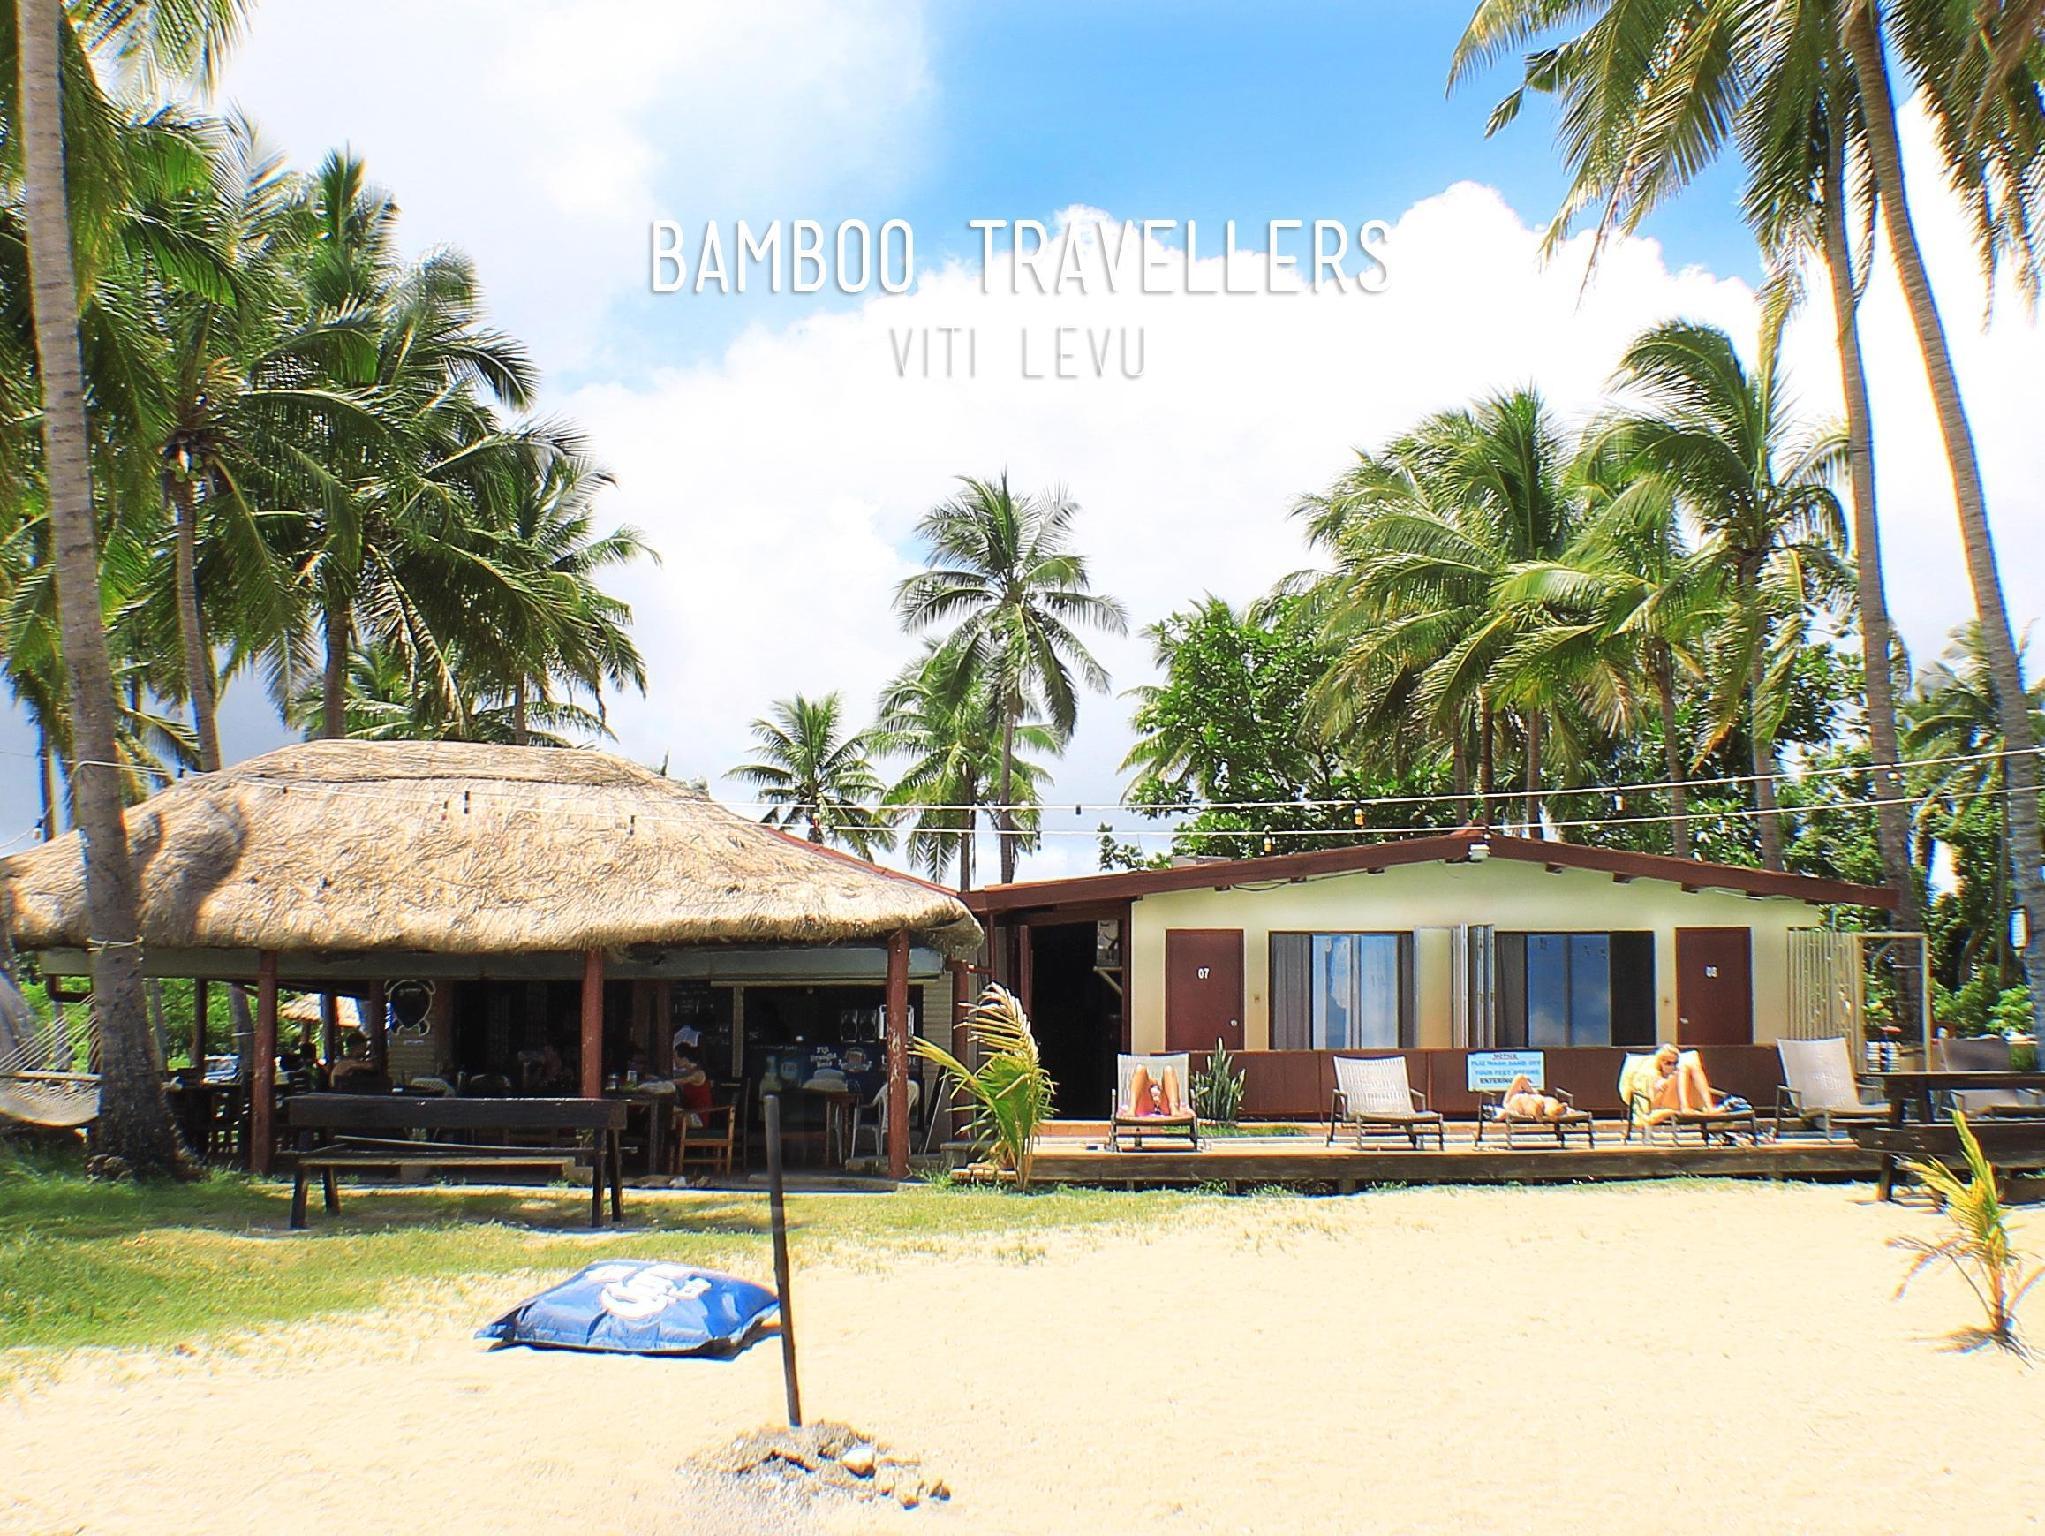 Bamboo Backpackers Hostel - Hotell och Boende i Fiji i Stilla havet och Australien